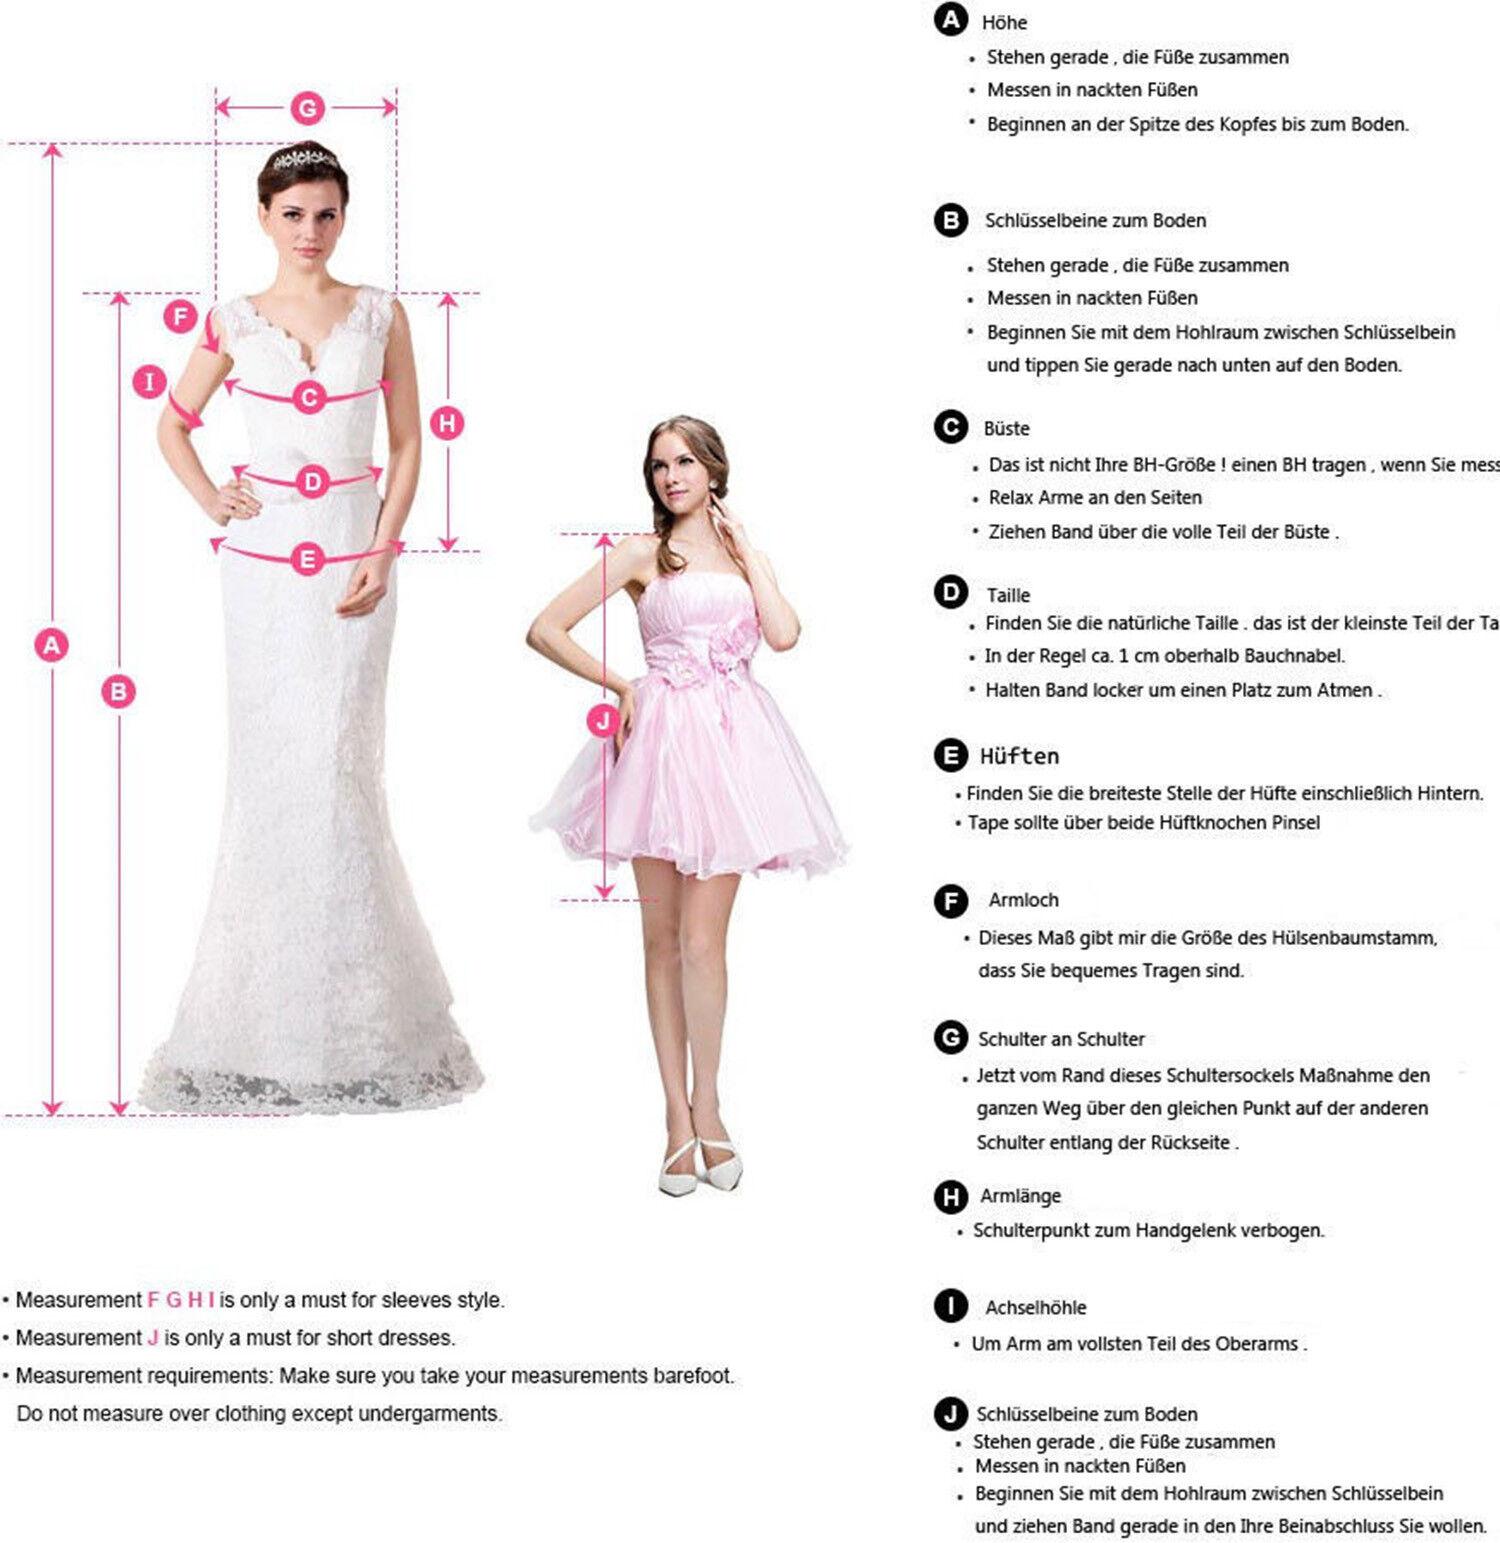 Weiß Elfenbein Elfenbein Elfenbein Meerjungfrau Spitze Herzenform Brautkleider Hochzeitskleid 32 34+  | München Online Shop  | Schön  | Deutschland  142943